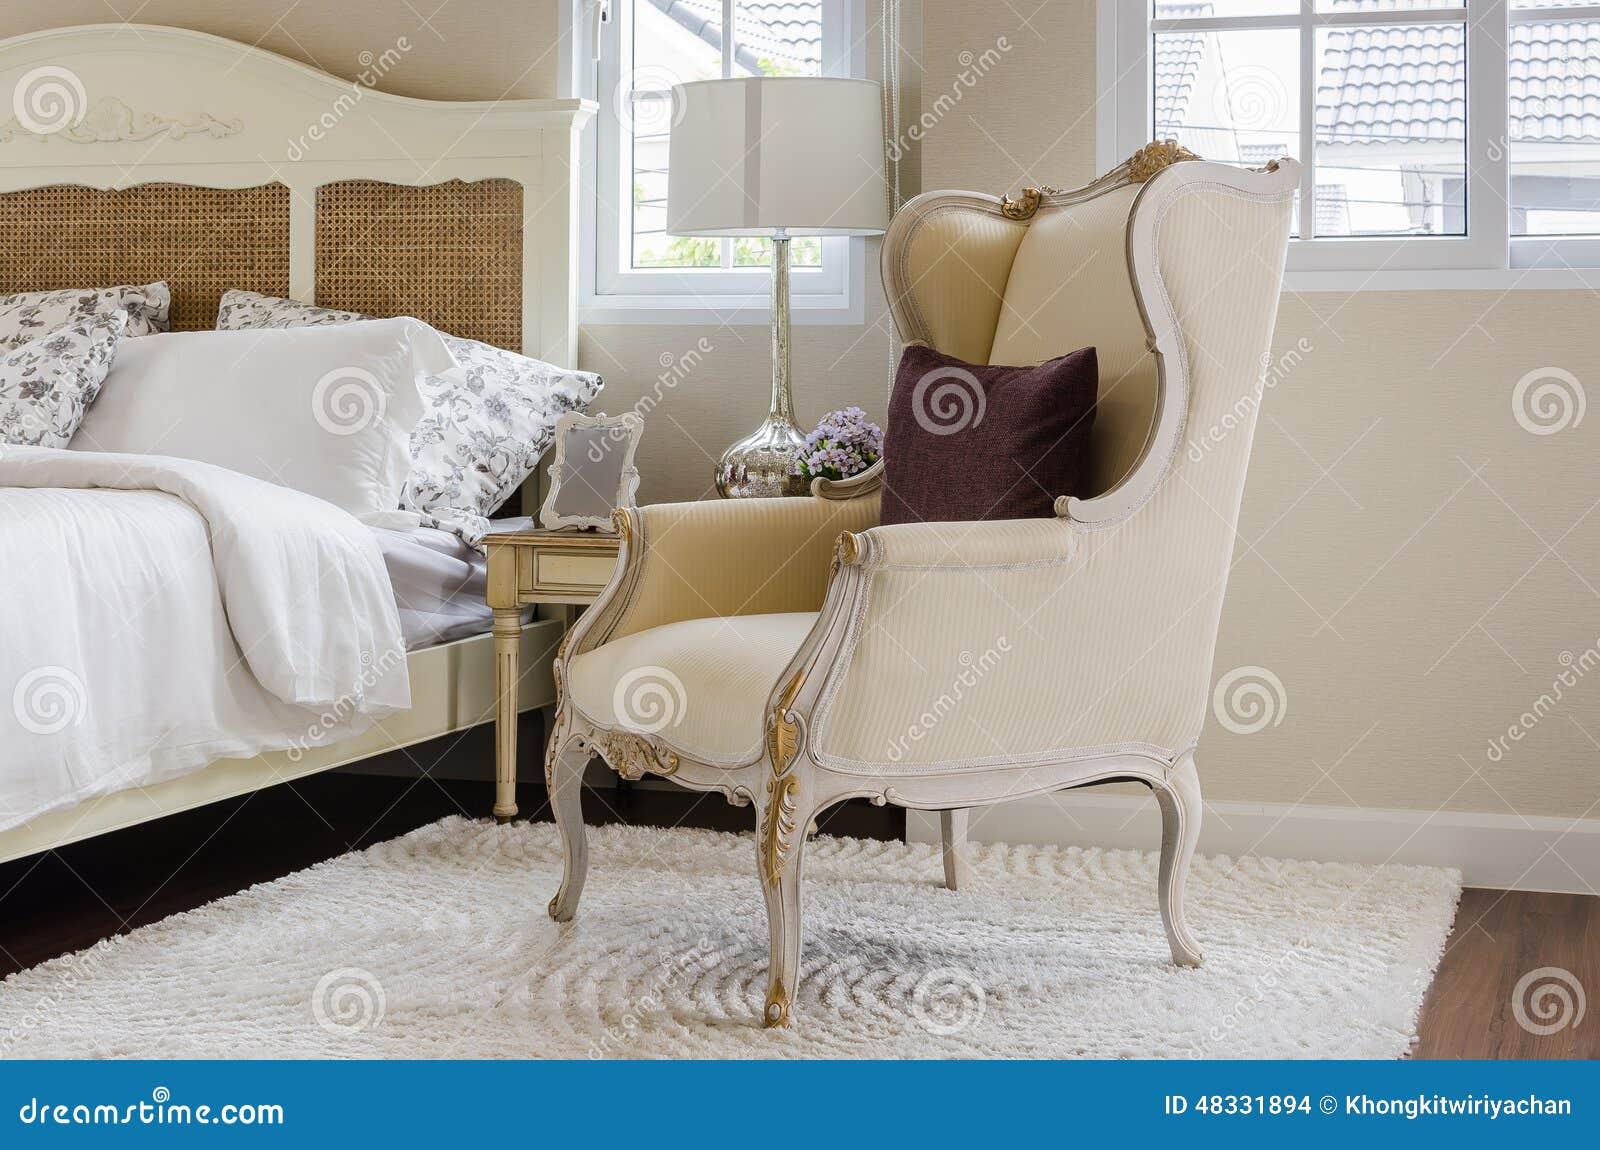 Sedia classica su tappeto con il cuscino in camera da letto di lusso fotografia stock immagine - Sedia per camera da letto ...